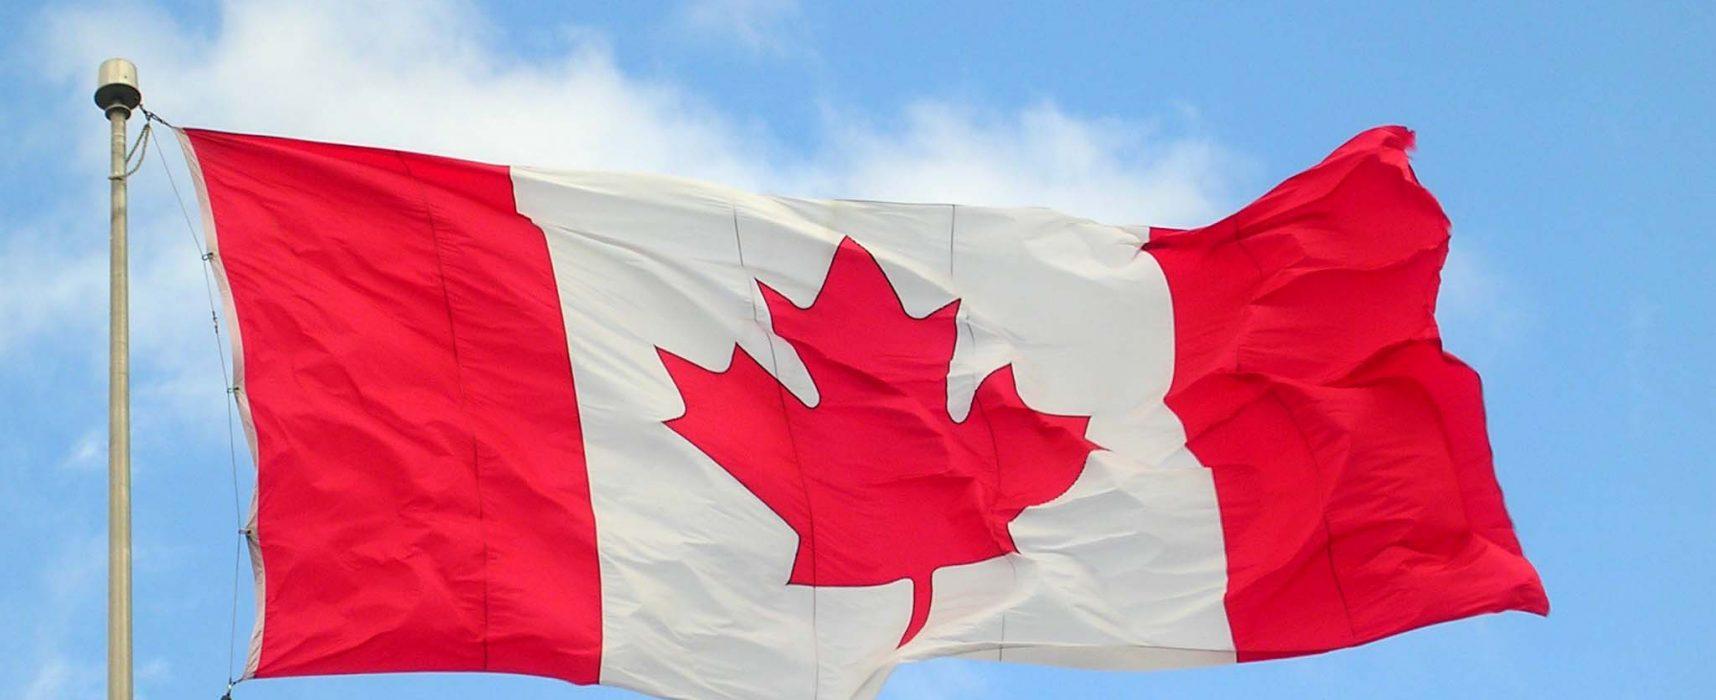 Canadá asigna 2,5 millones de dólares a Ucrania para combatir la propaganda rusa